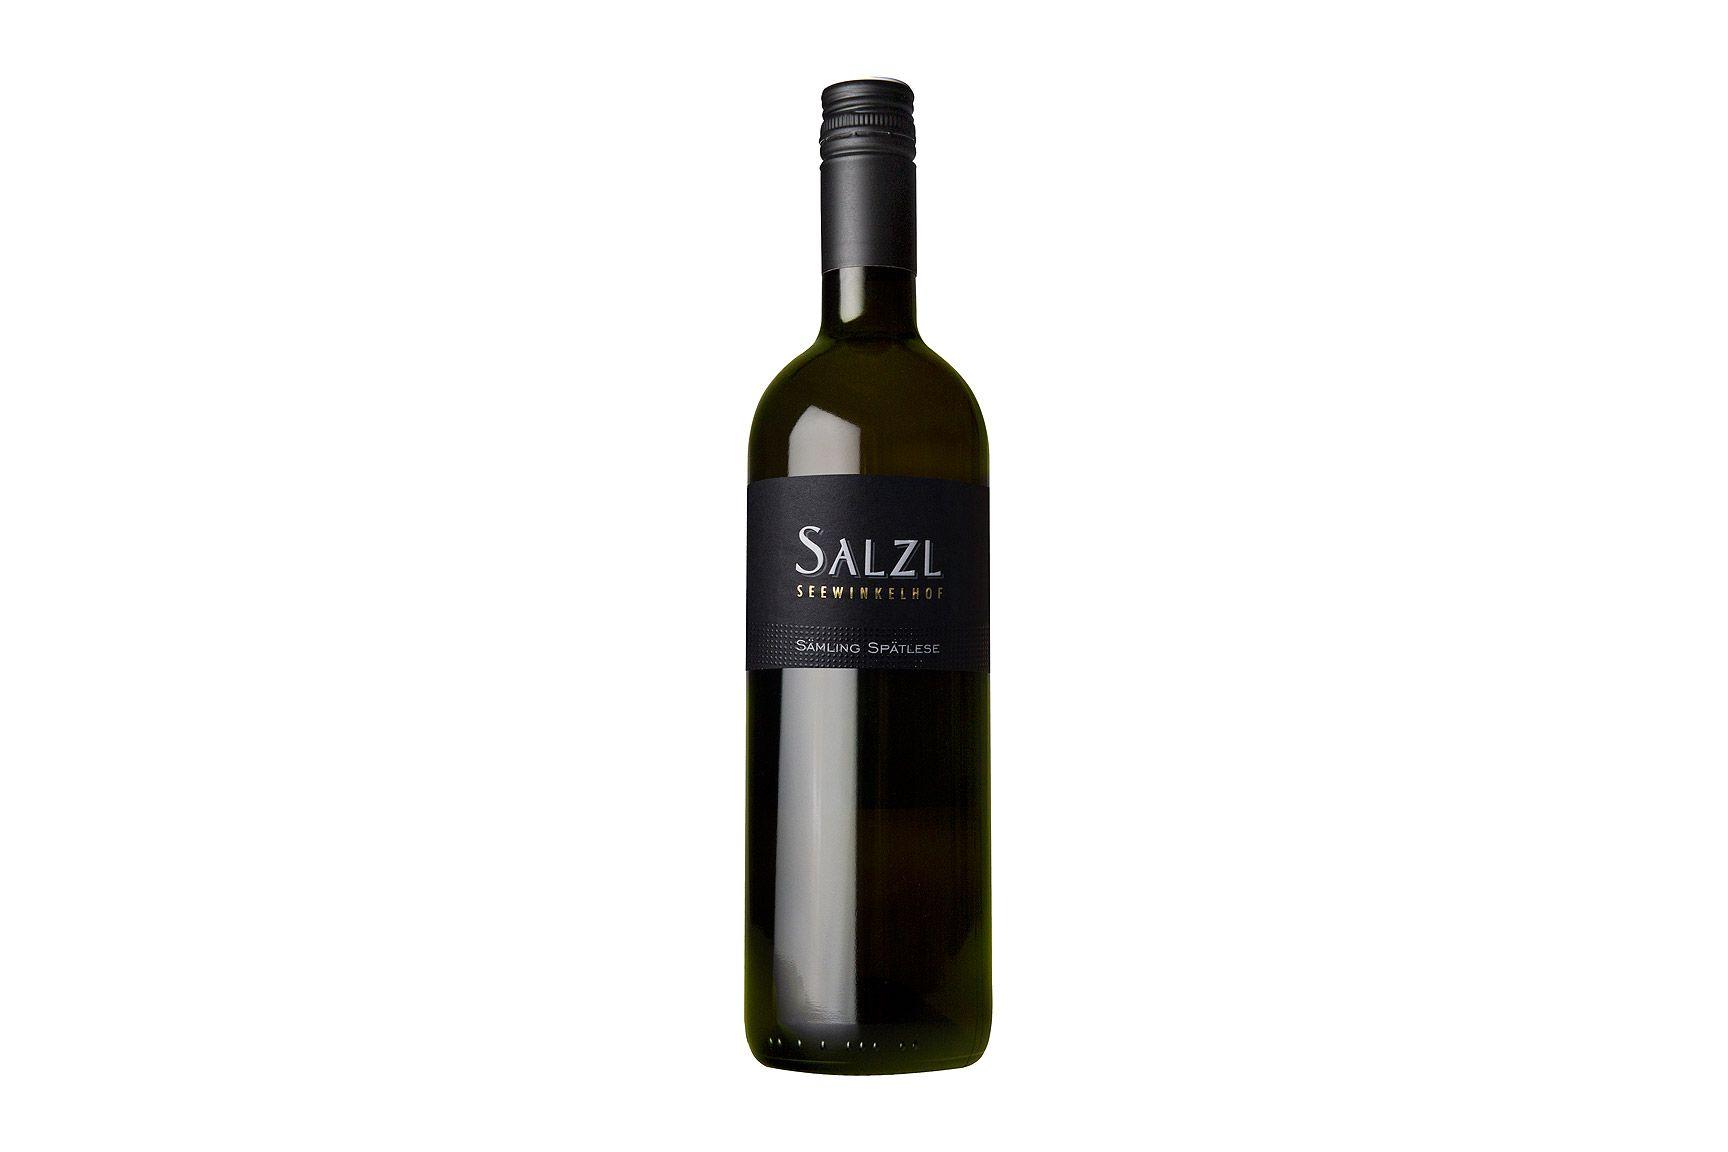 Awine-Sämling Spätlese-Salzl